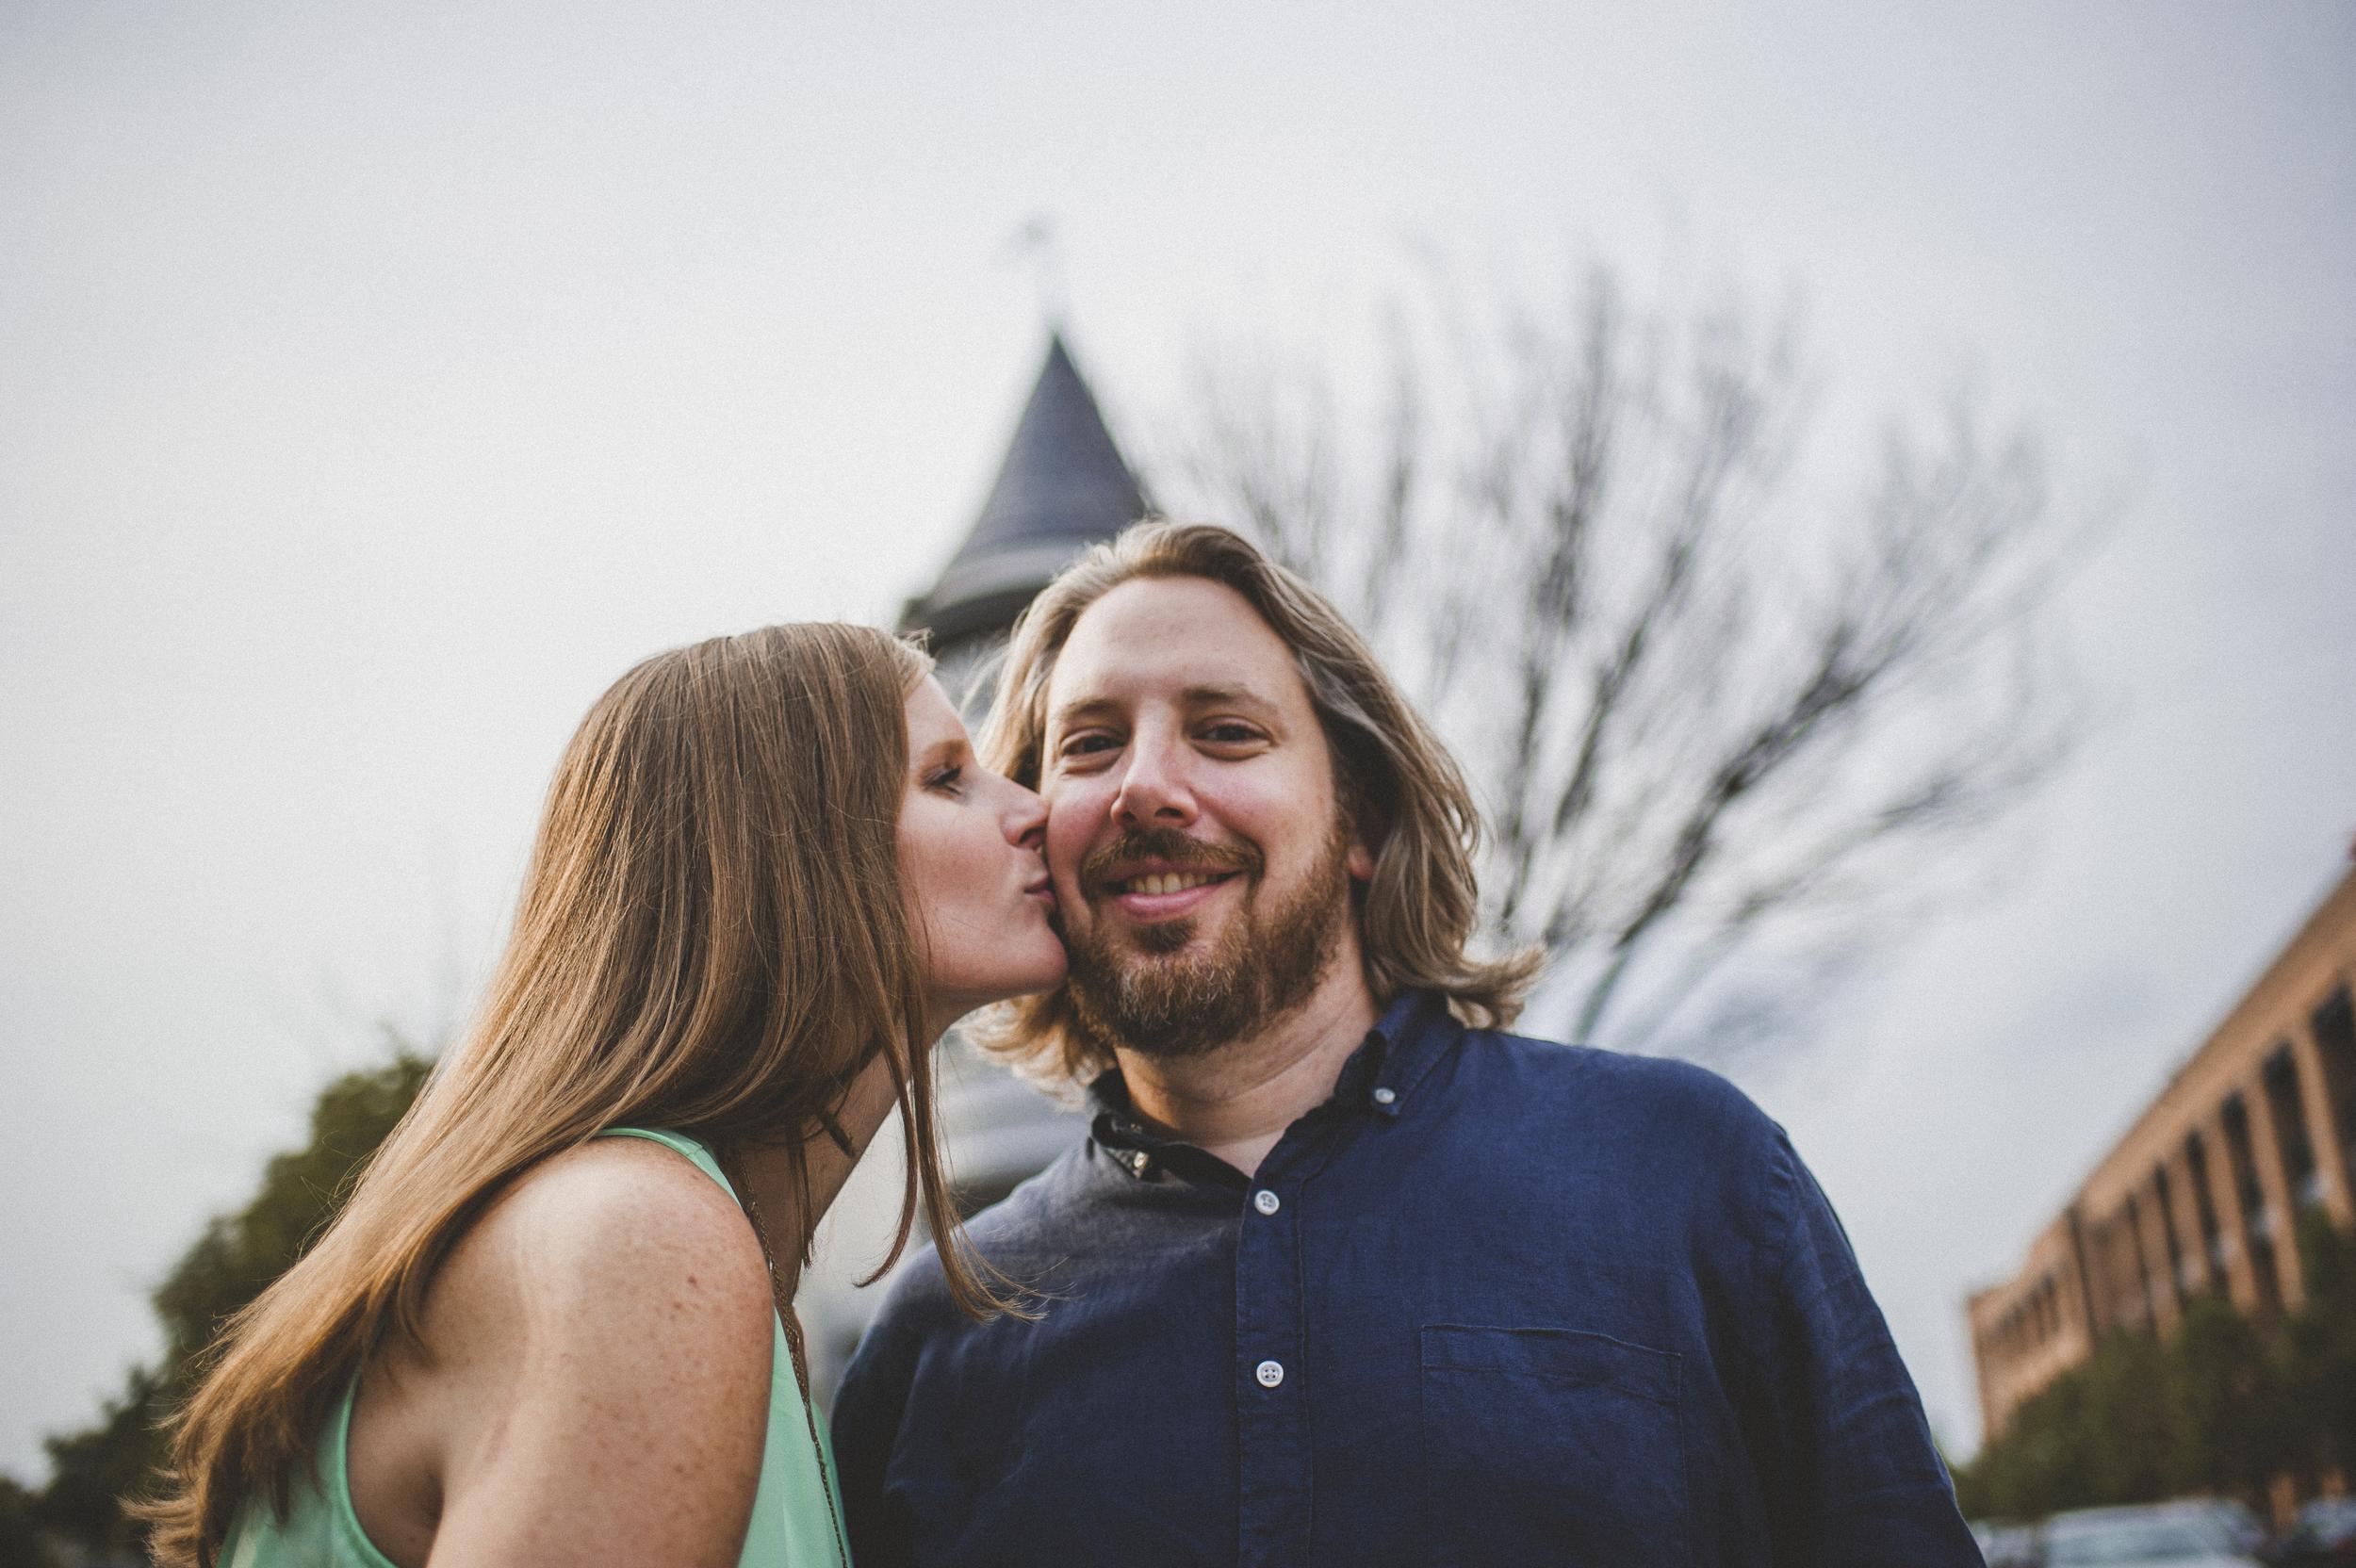 Viva_Love_Philadelphia_Baltimore_Wedding_Photographer_-1053.jpg